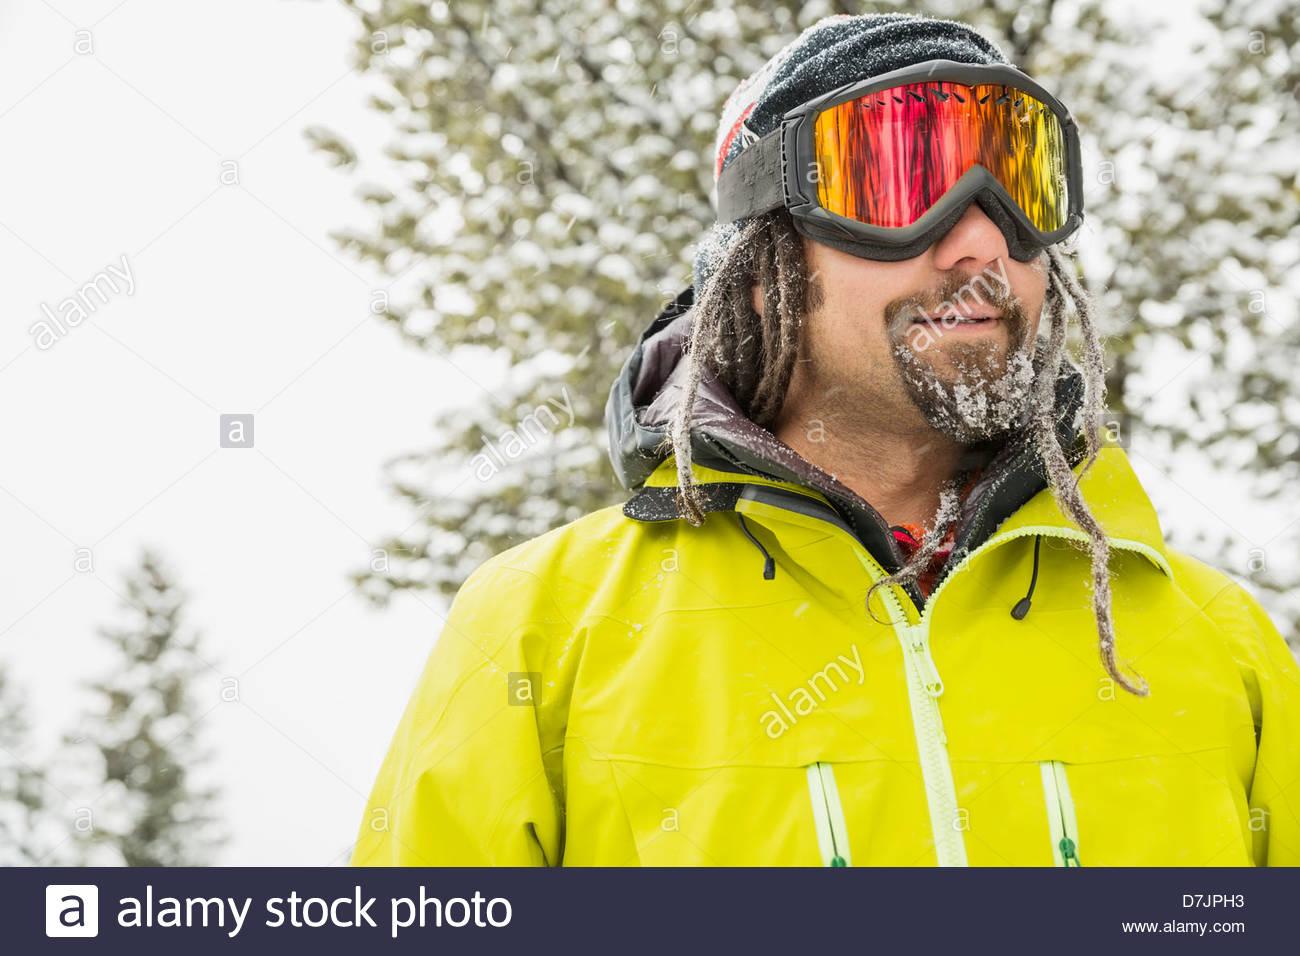 Uomo che indossa gli occhiali da sci in inverno Immagini Stock